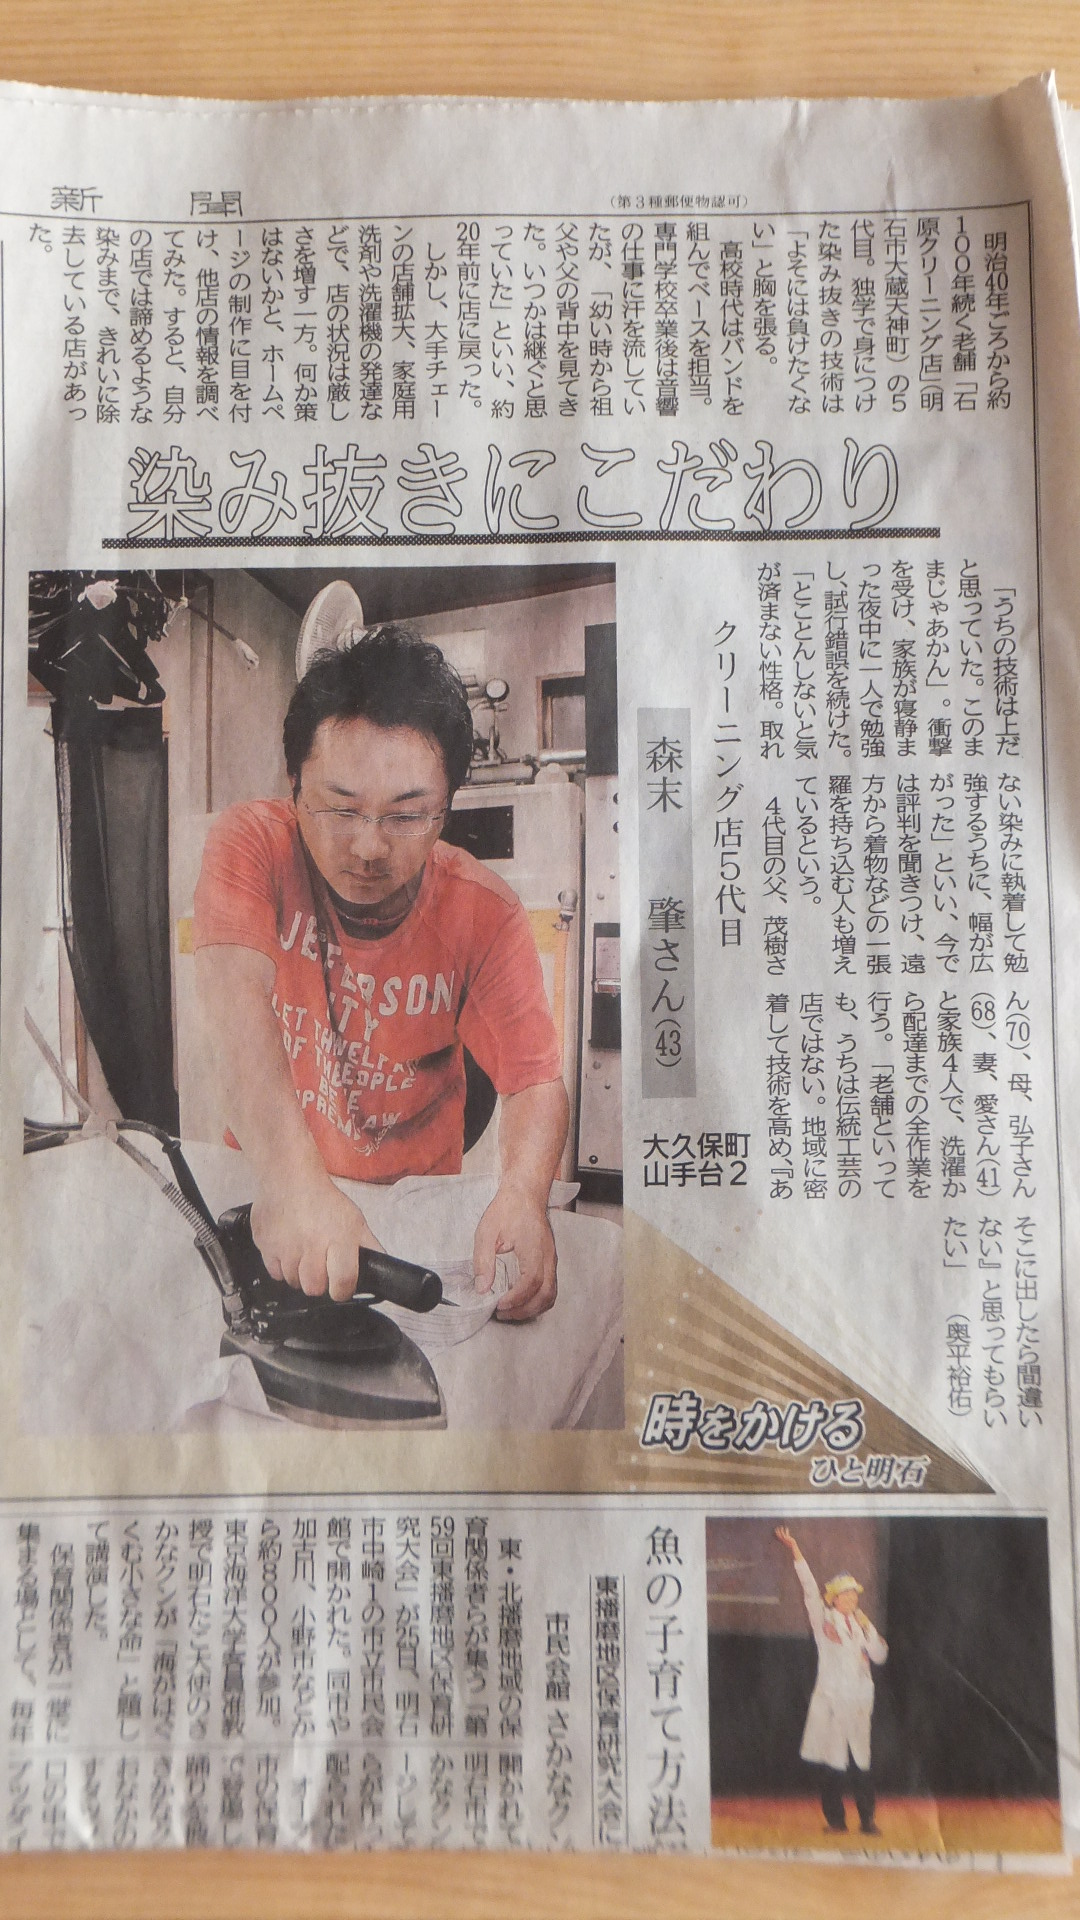 7月26日の神戸新聞に、染み抜きにこだわる老舗クリーニング店の五代目として掲載されました。